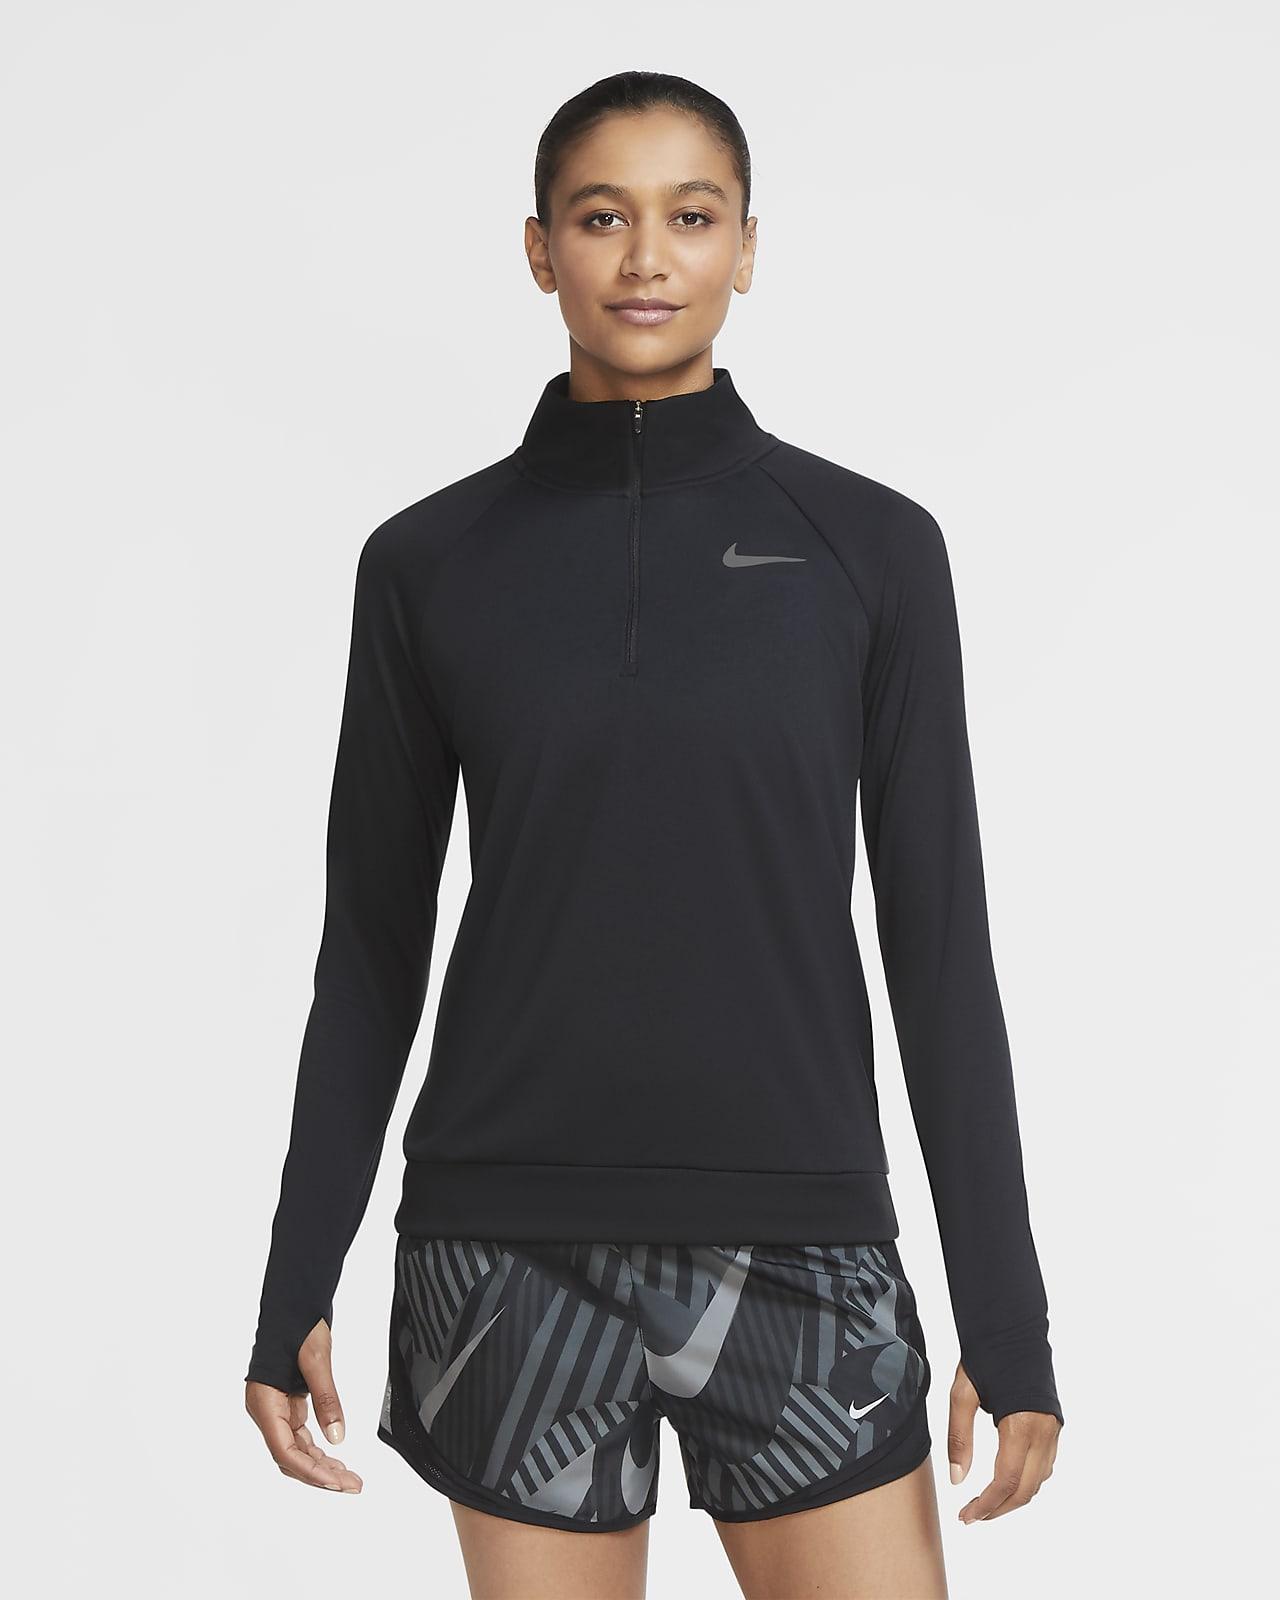 Nike Pacer Hardlooptop met korte rits voor dames